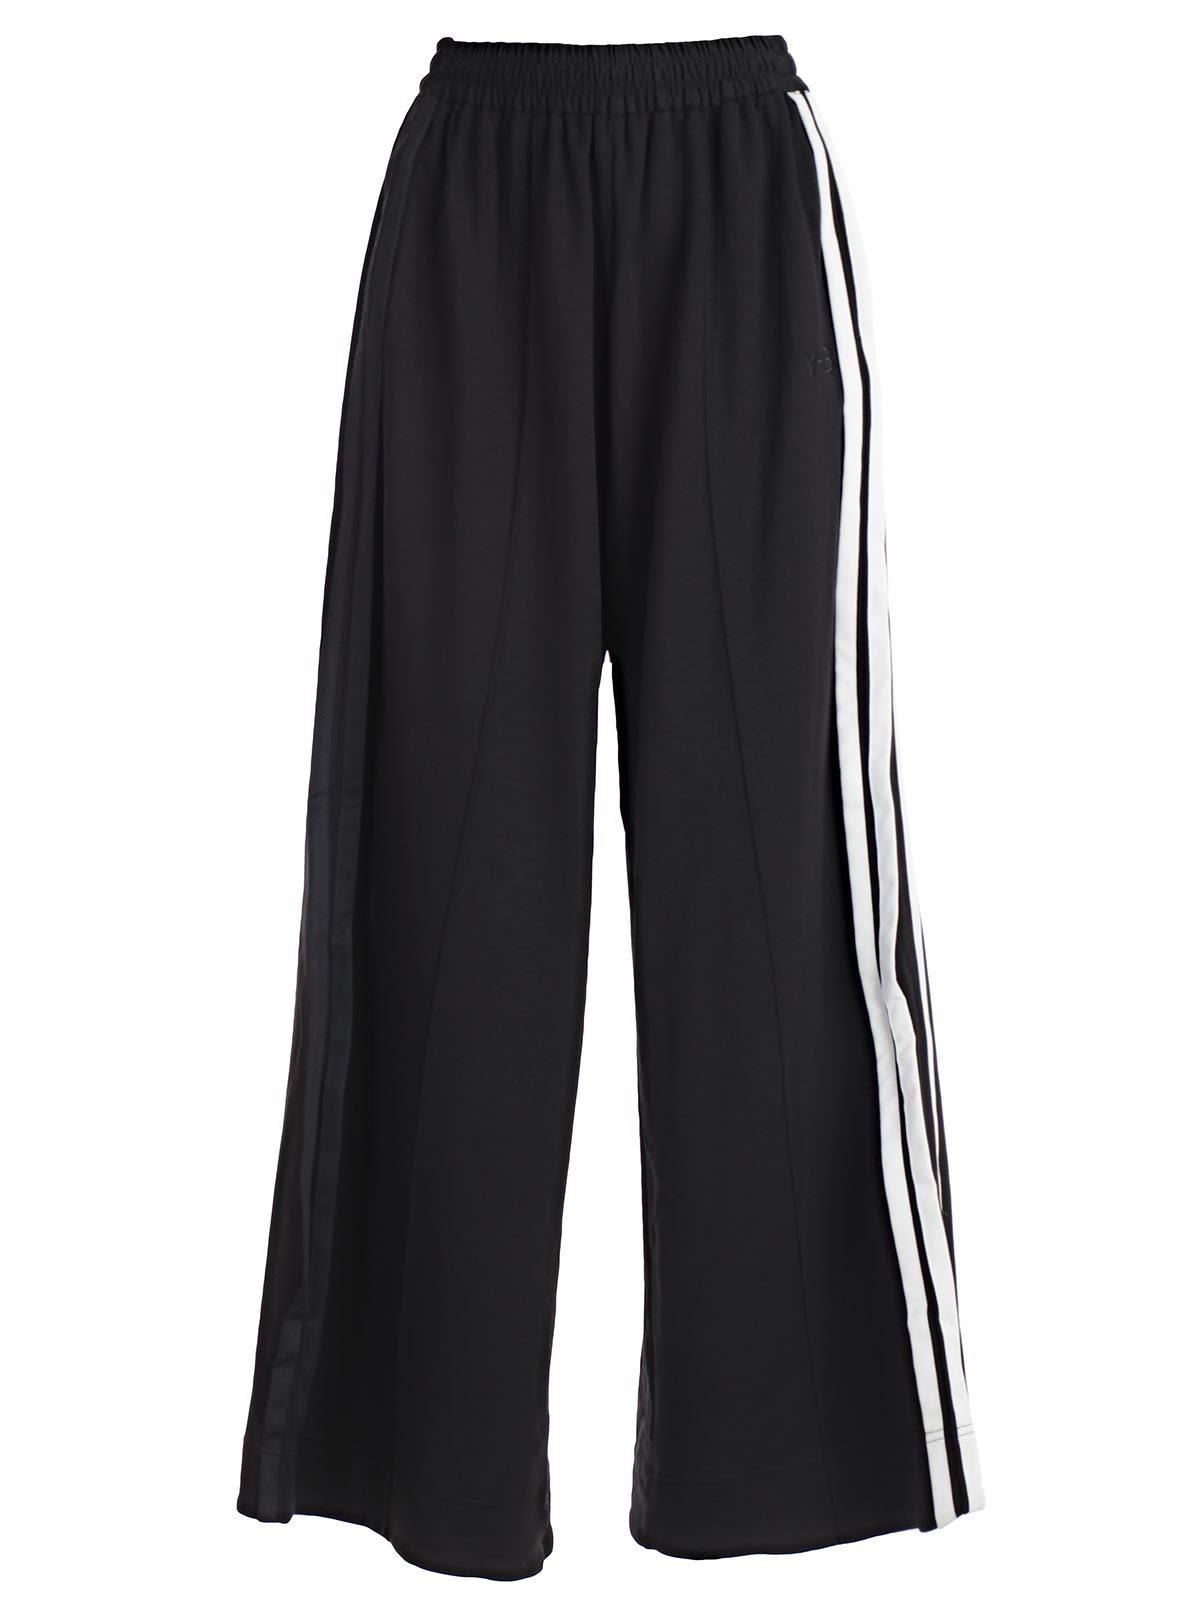 y-3 -  Yohji Yamamoto Wide Leg Track Pants